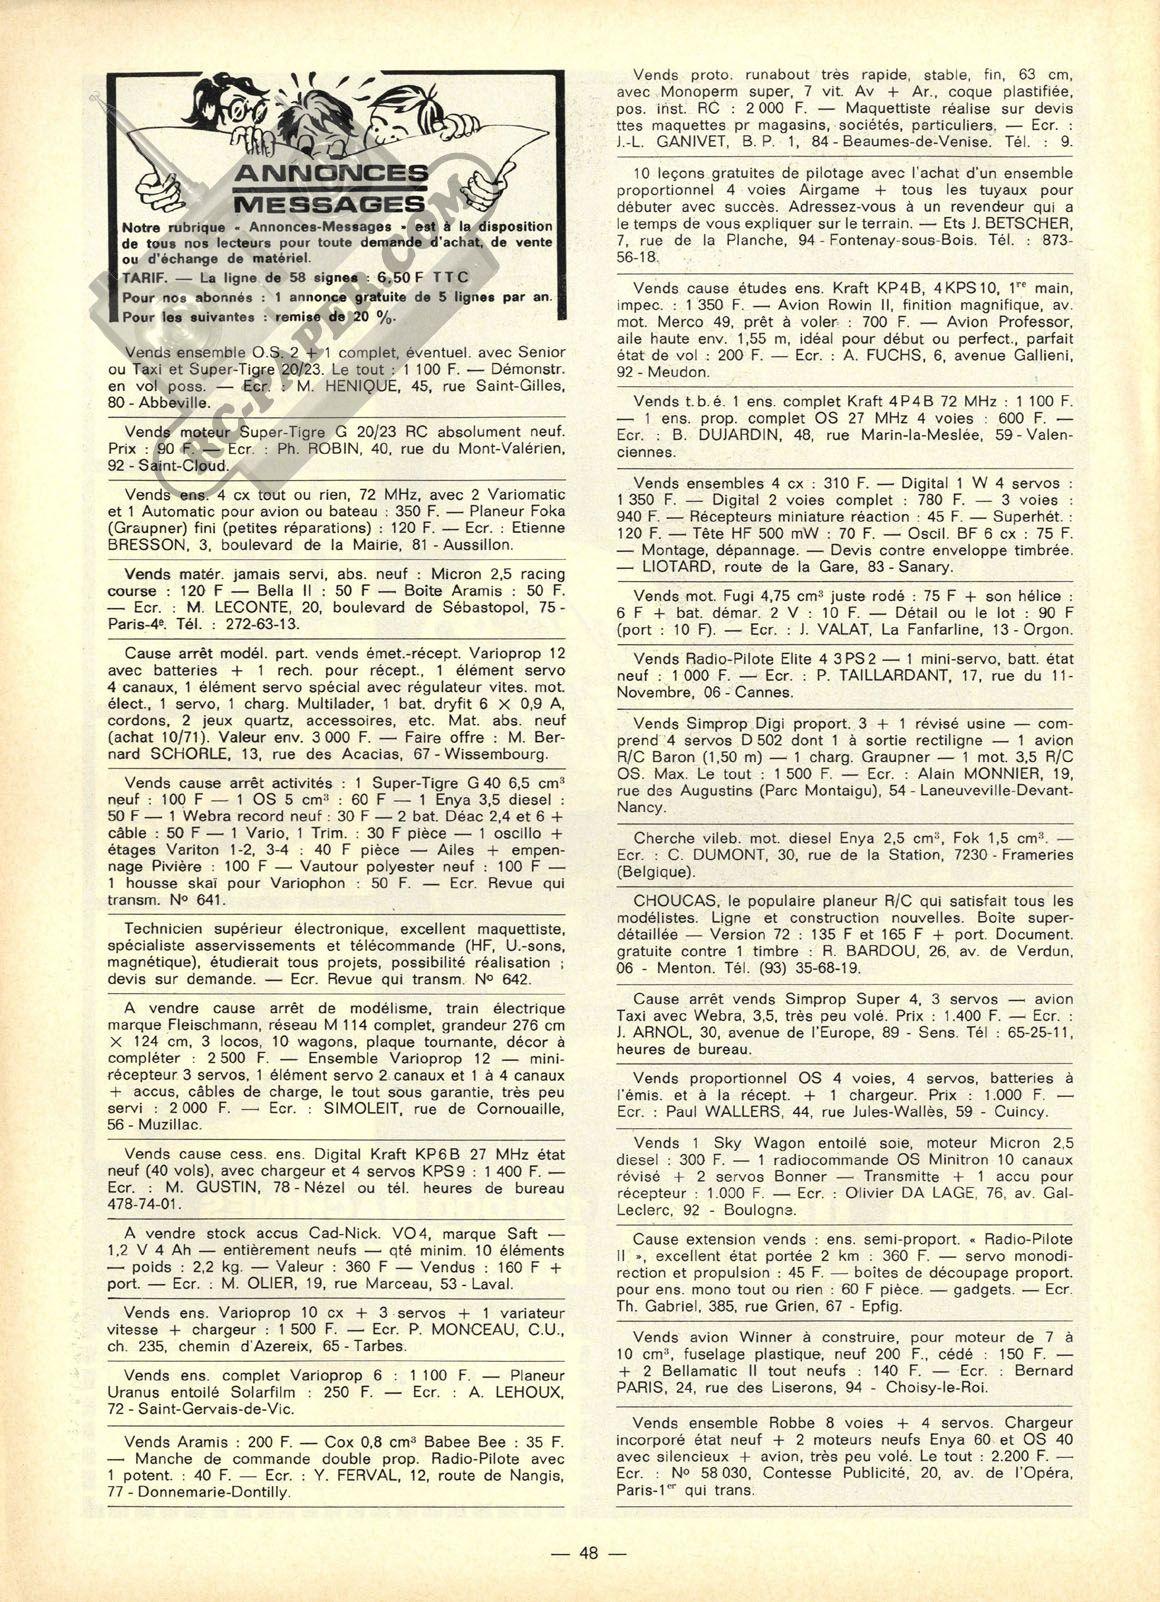 Index Of Scanshdrevuesrevradiomodelismerevradiomodelisme 0064